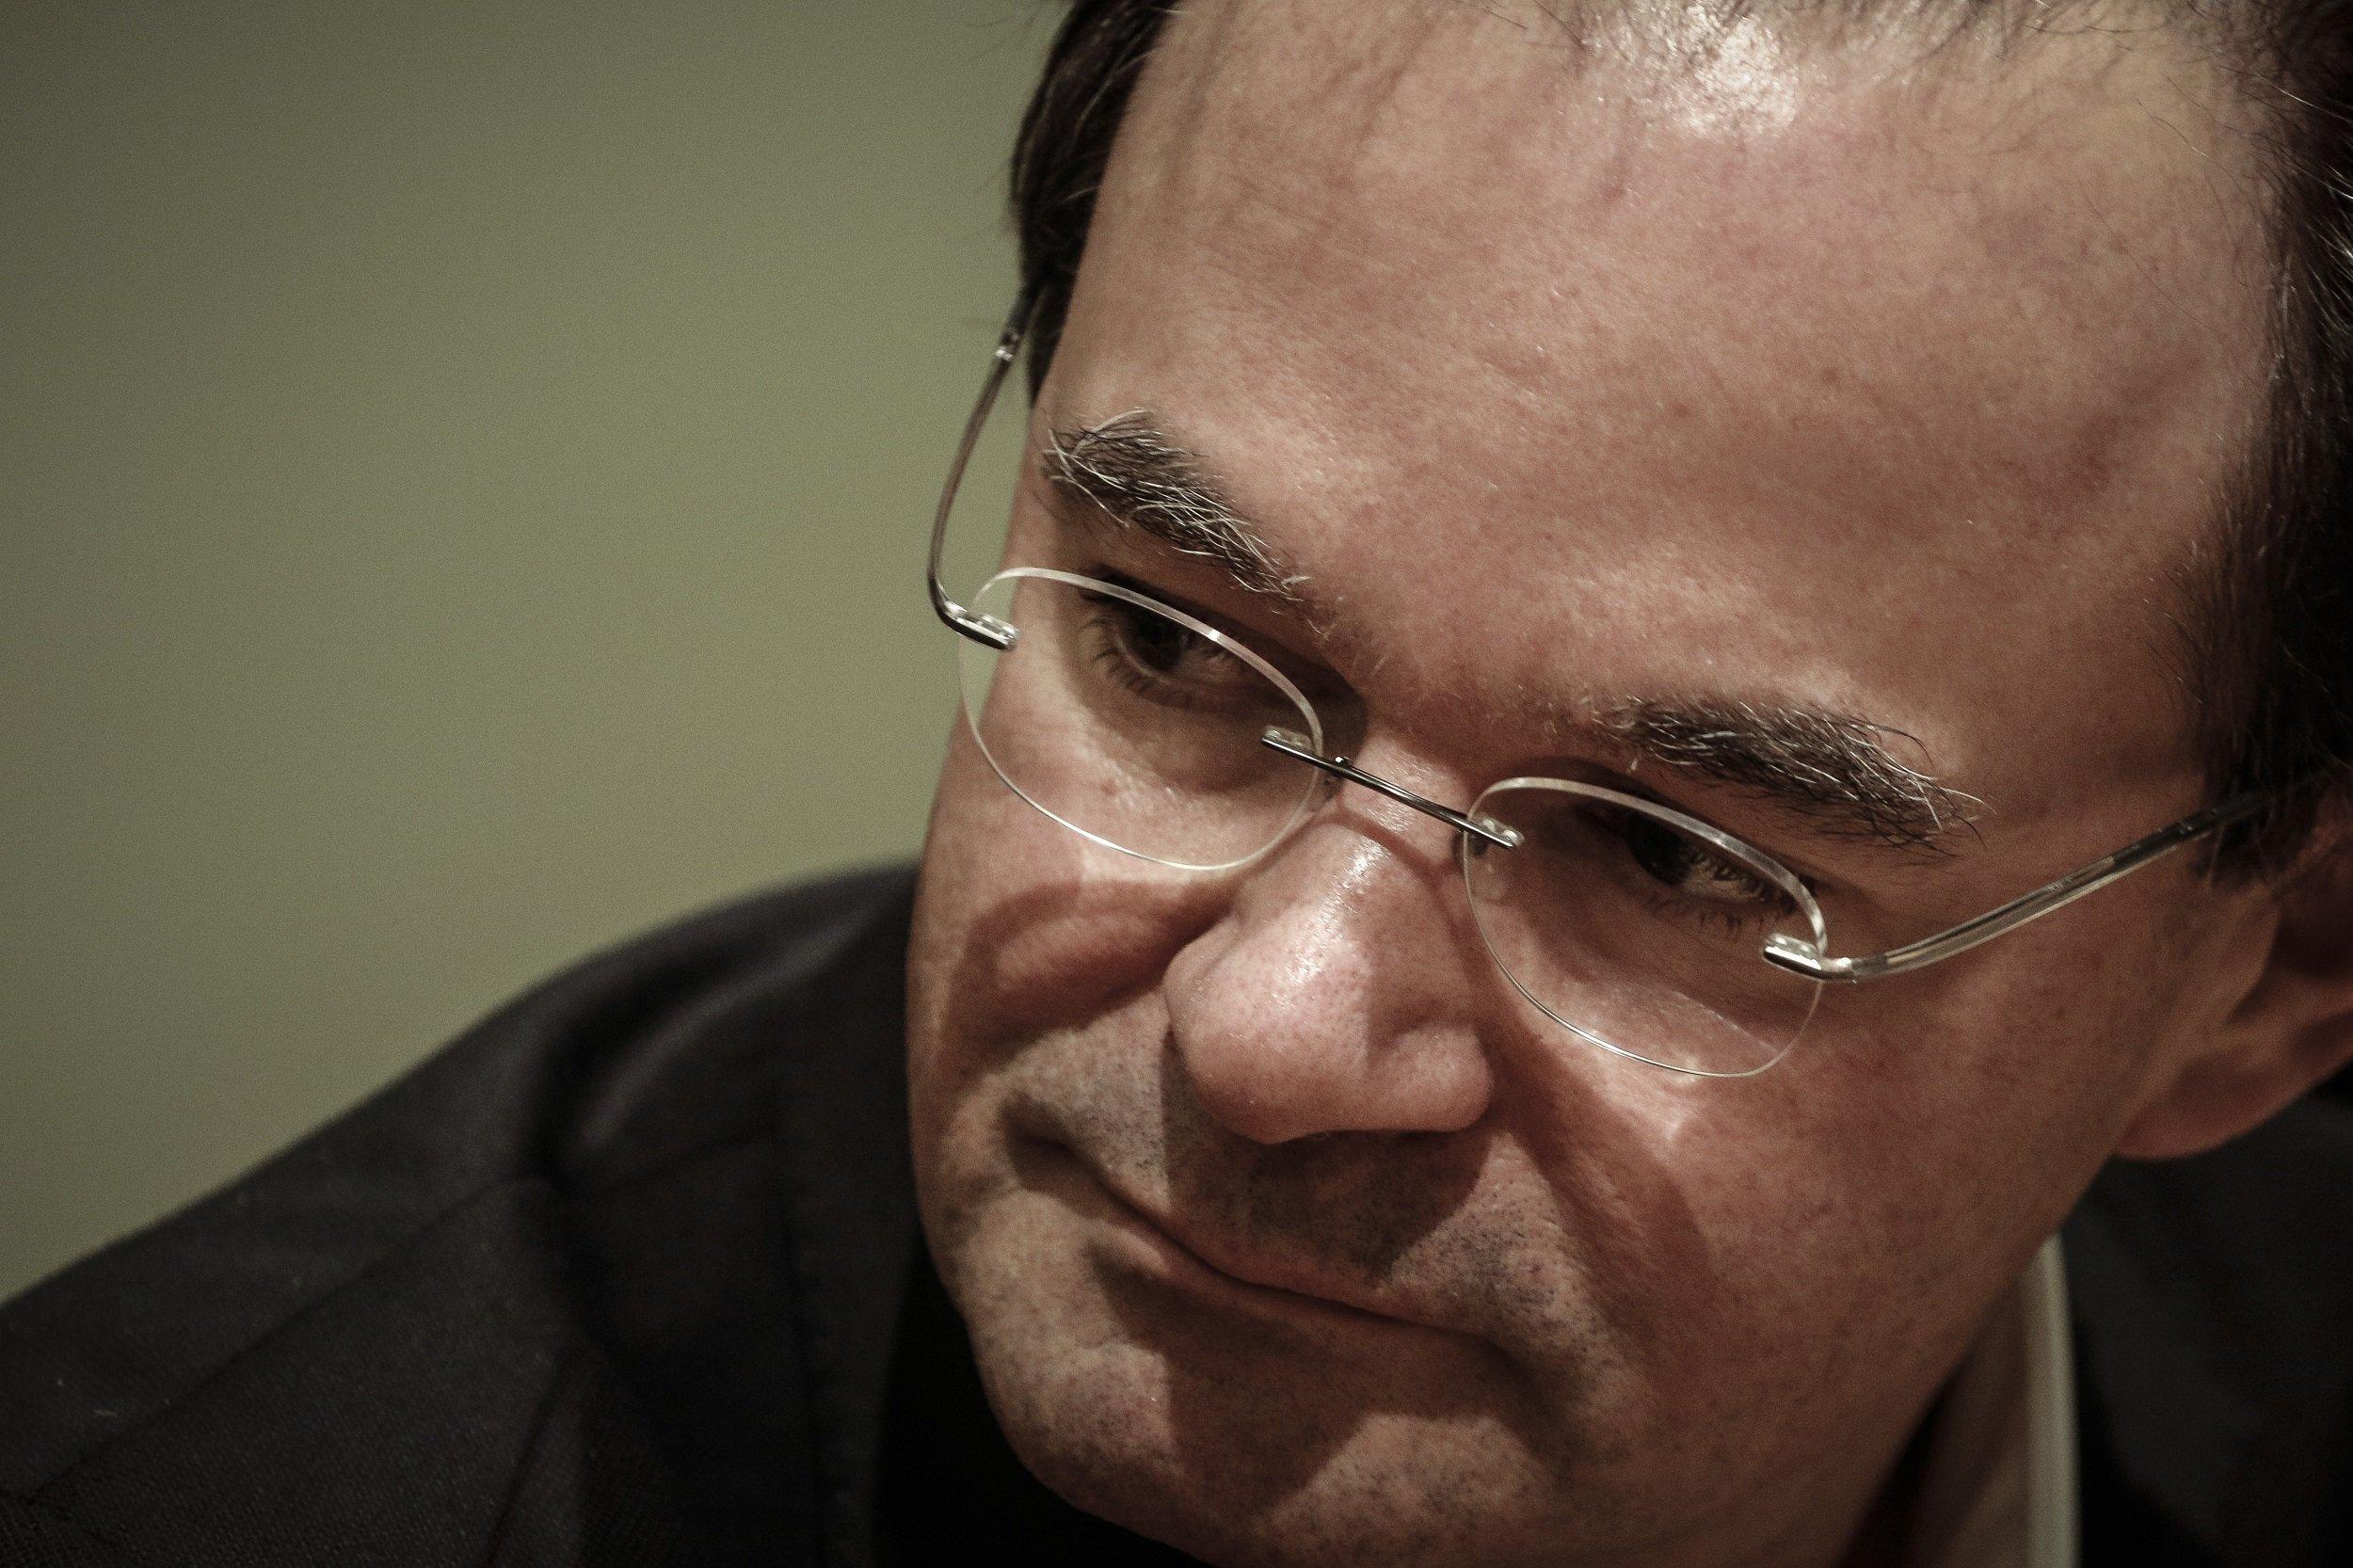 Γιώργος Παπακωνσταντίνου: Όλοι κάναμε λάθος. Και εμείς και οι θεσμοί